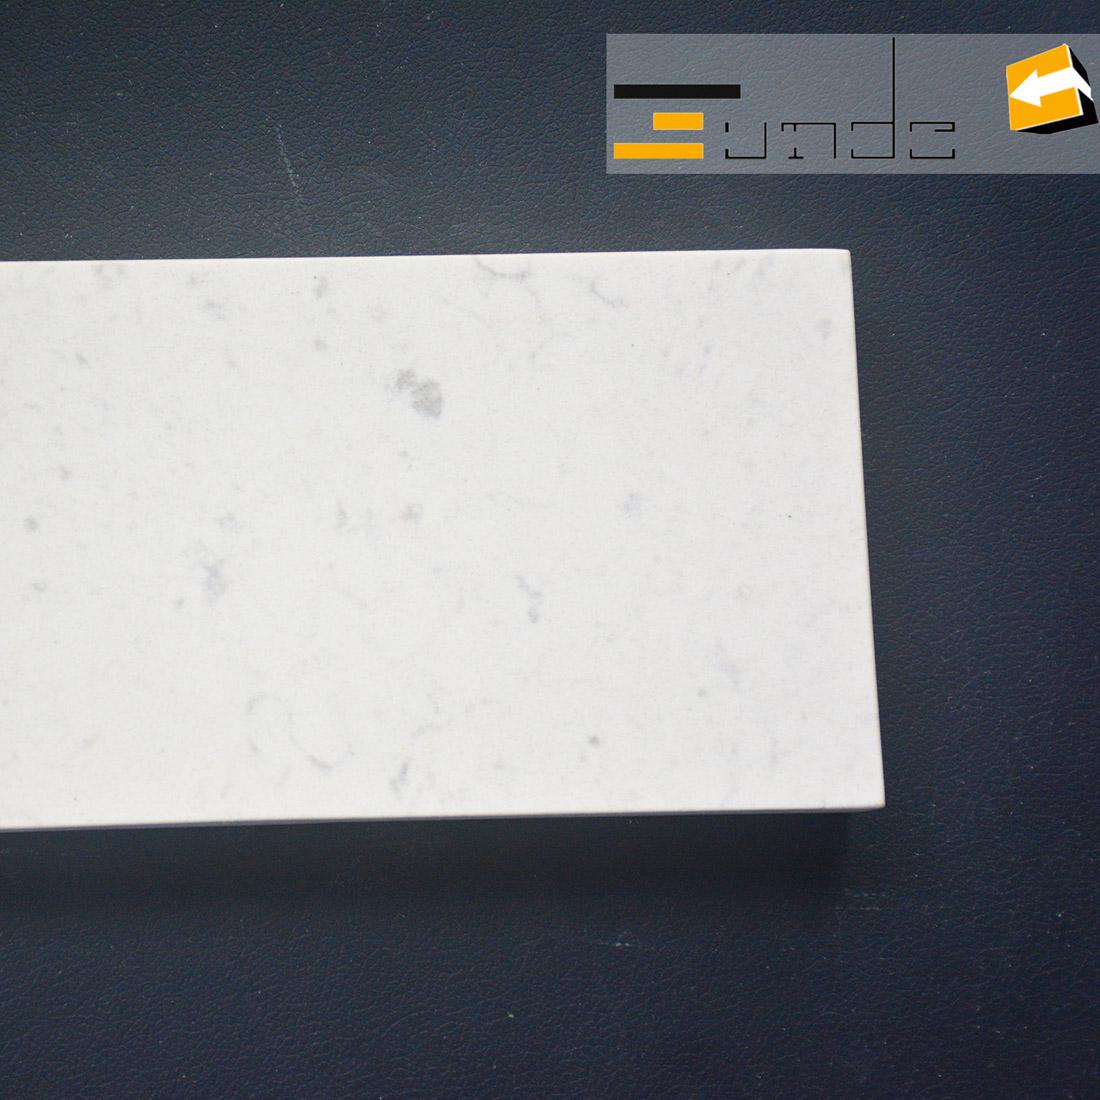 calacatta white quartz stone sample jd409